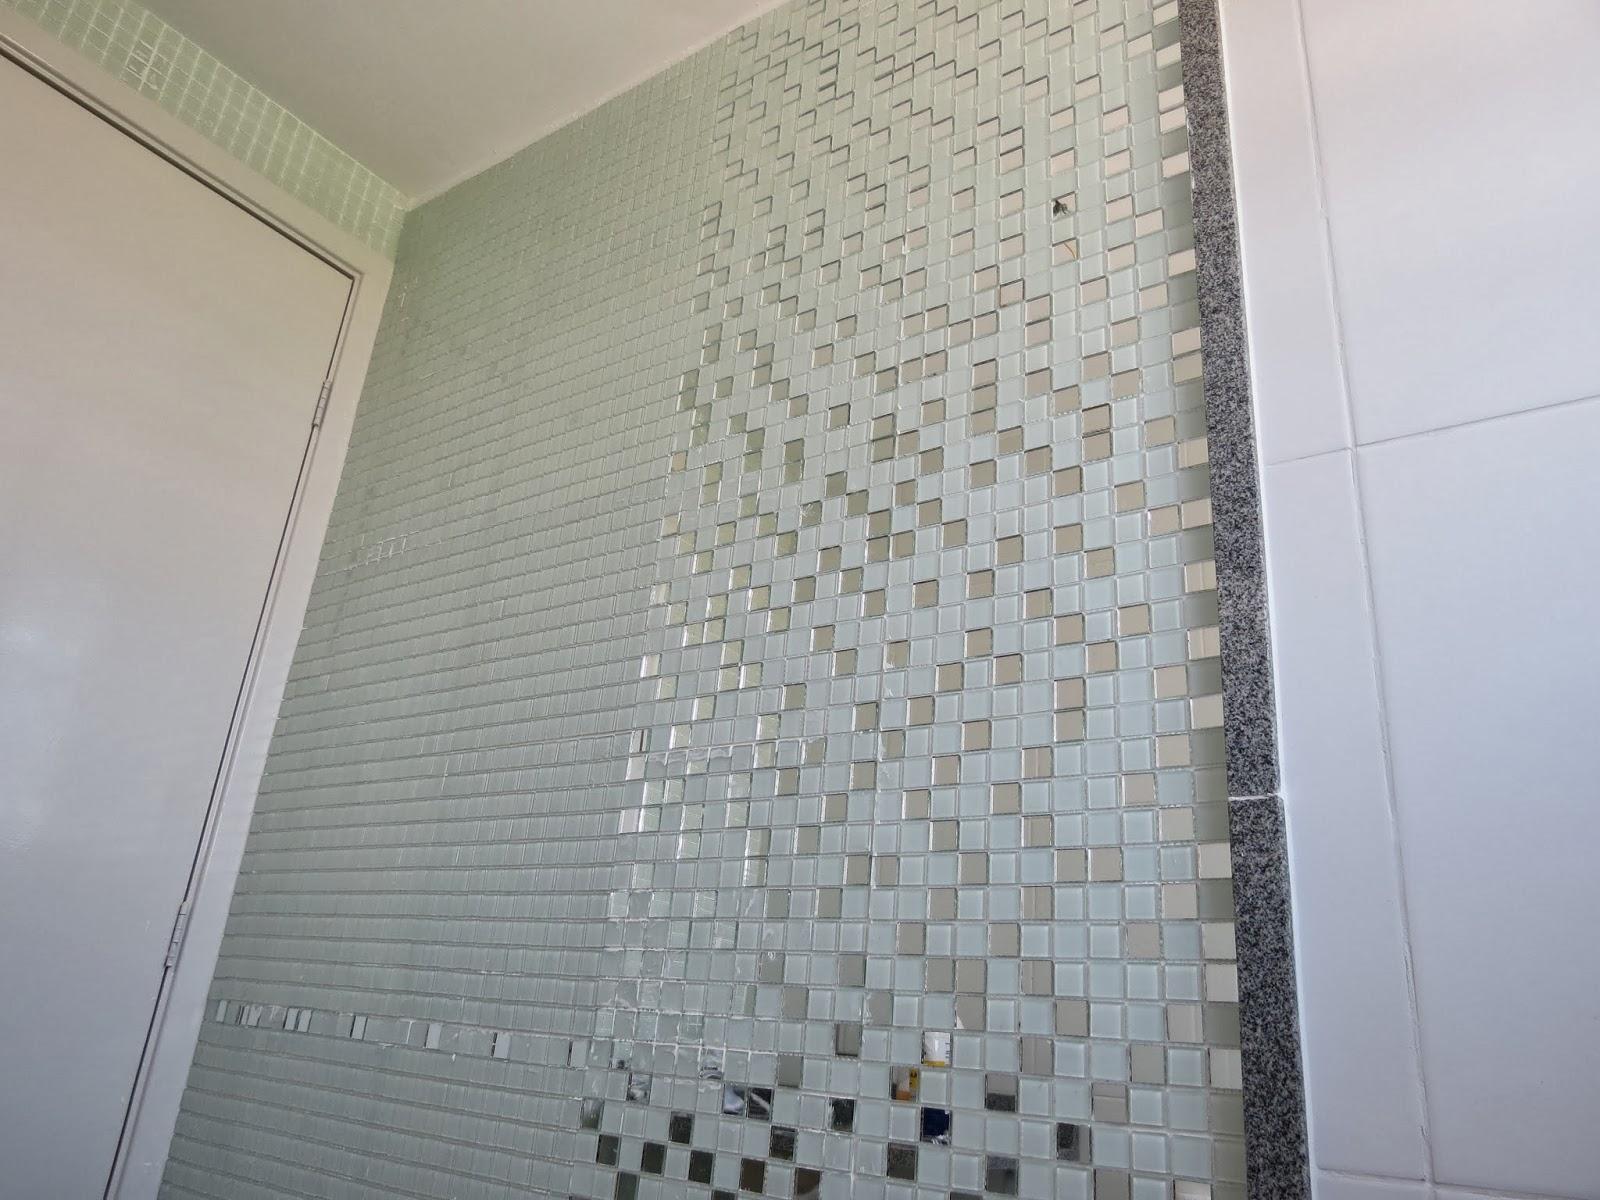 TadoAvesso: Apartamento Pastilhas de Vidro no Banheiro #736958 1600x1200 Banheiro Com Azulejo Que Imita Pastilha